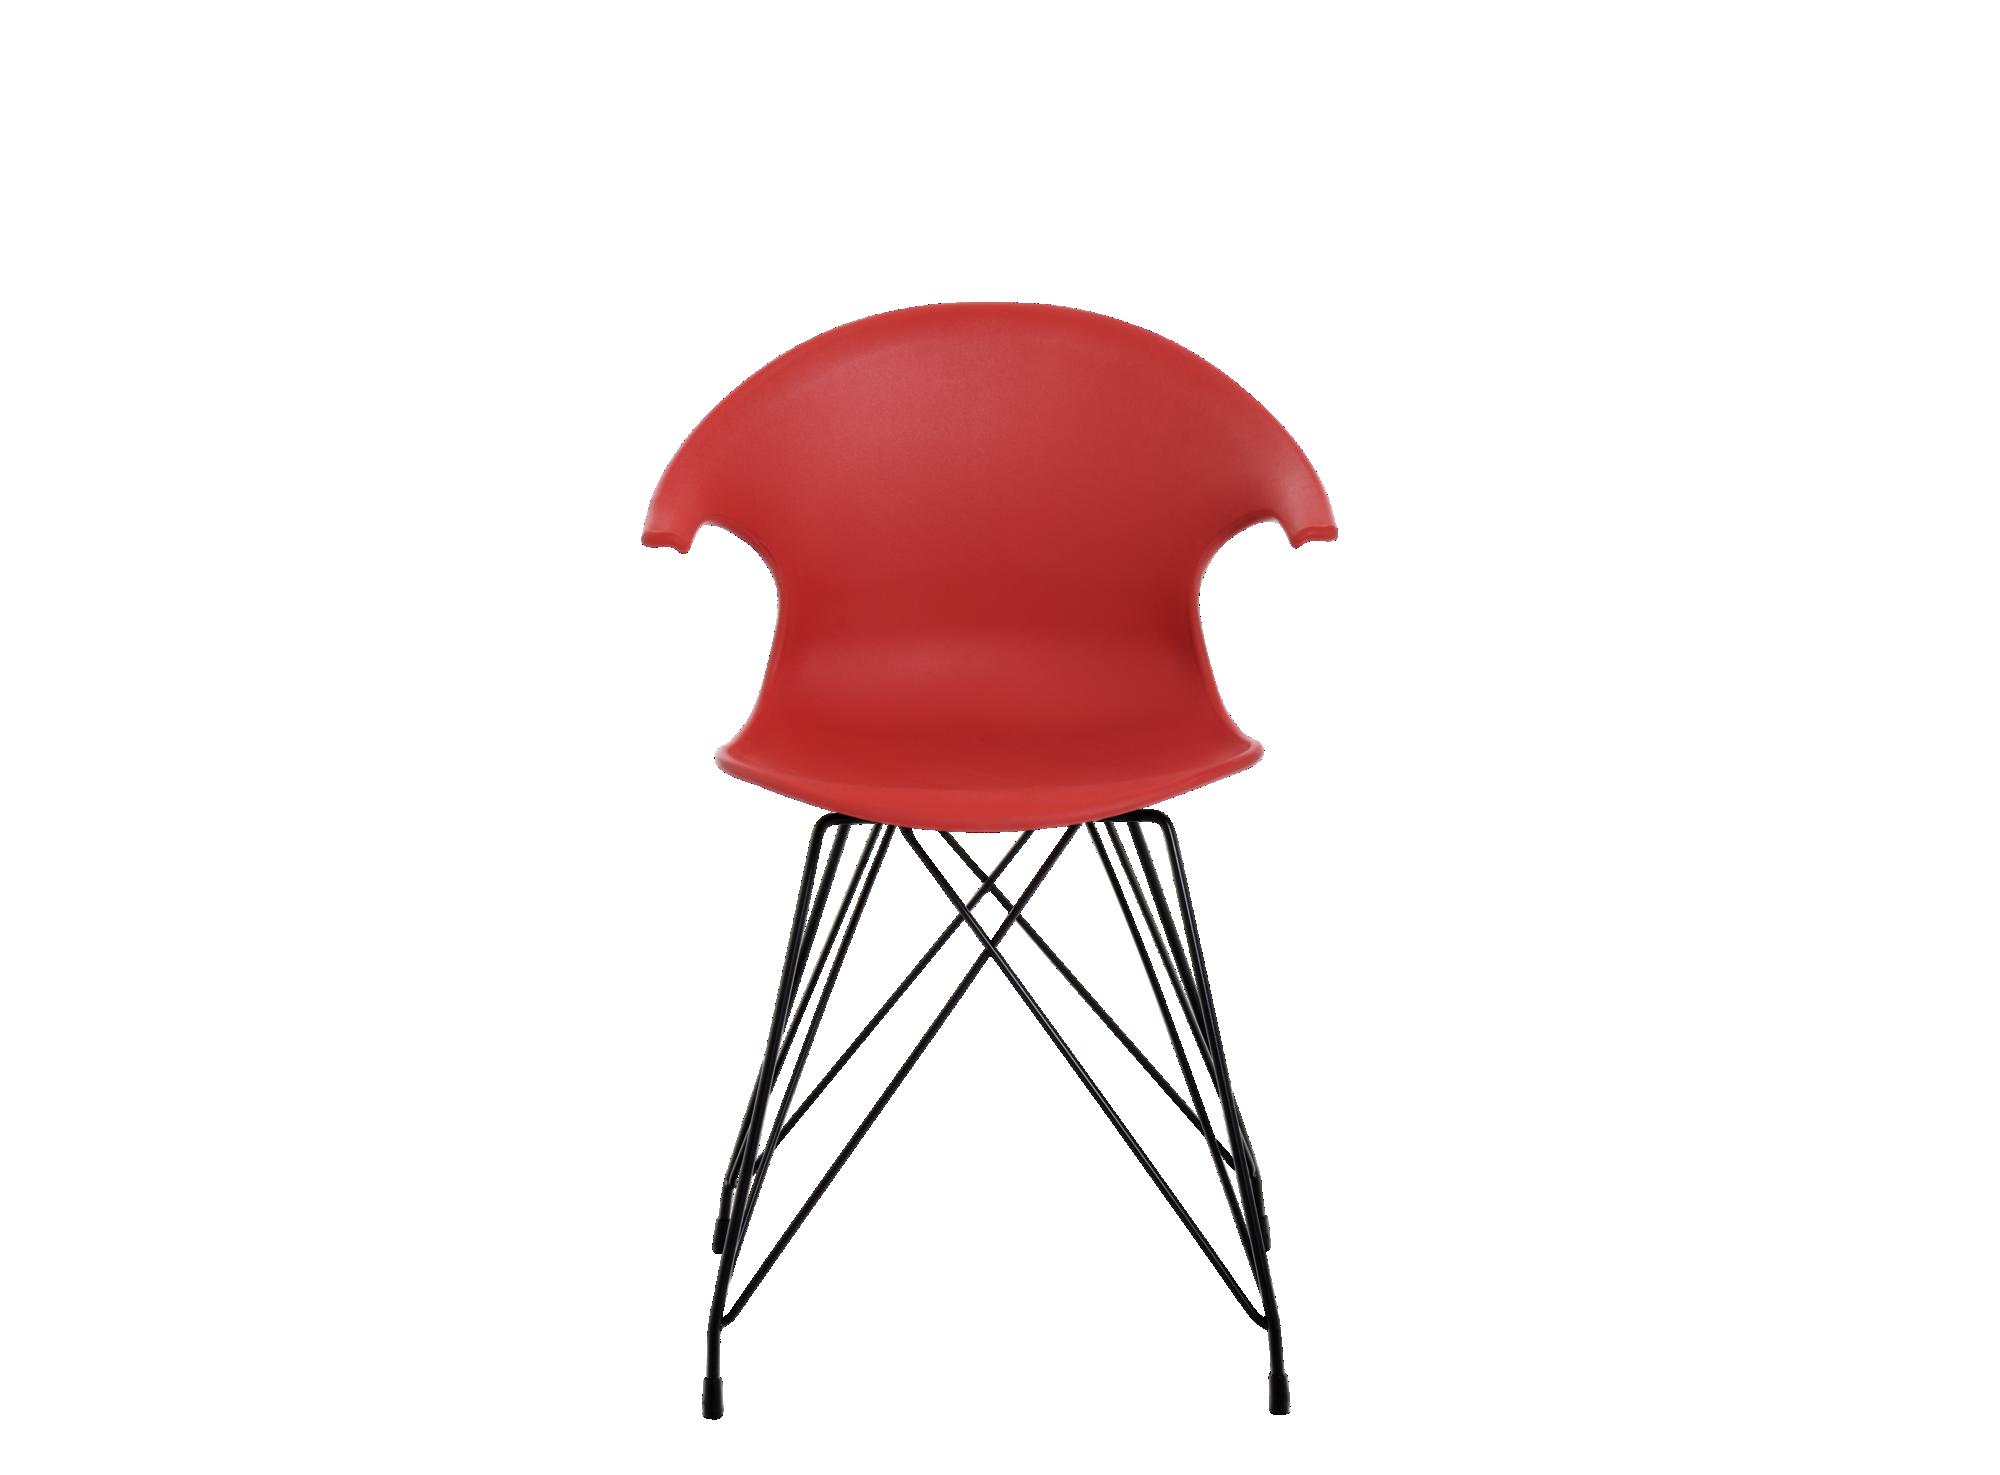 chaise coque rouge pieds acier coloris noir fly. Black Bedroom Furniture Sets. Home Design Ideas